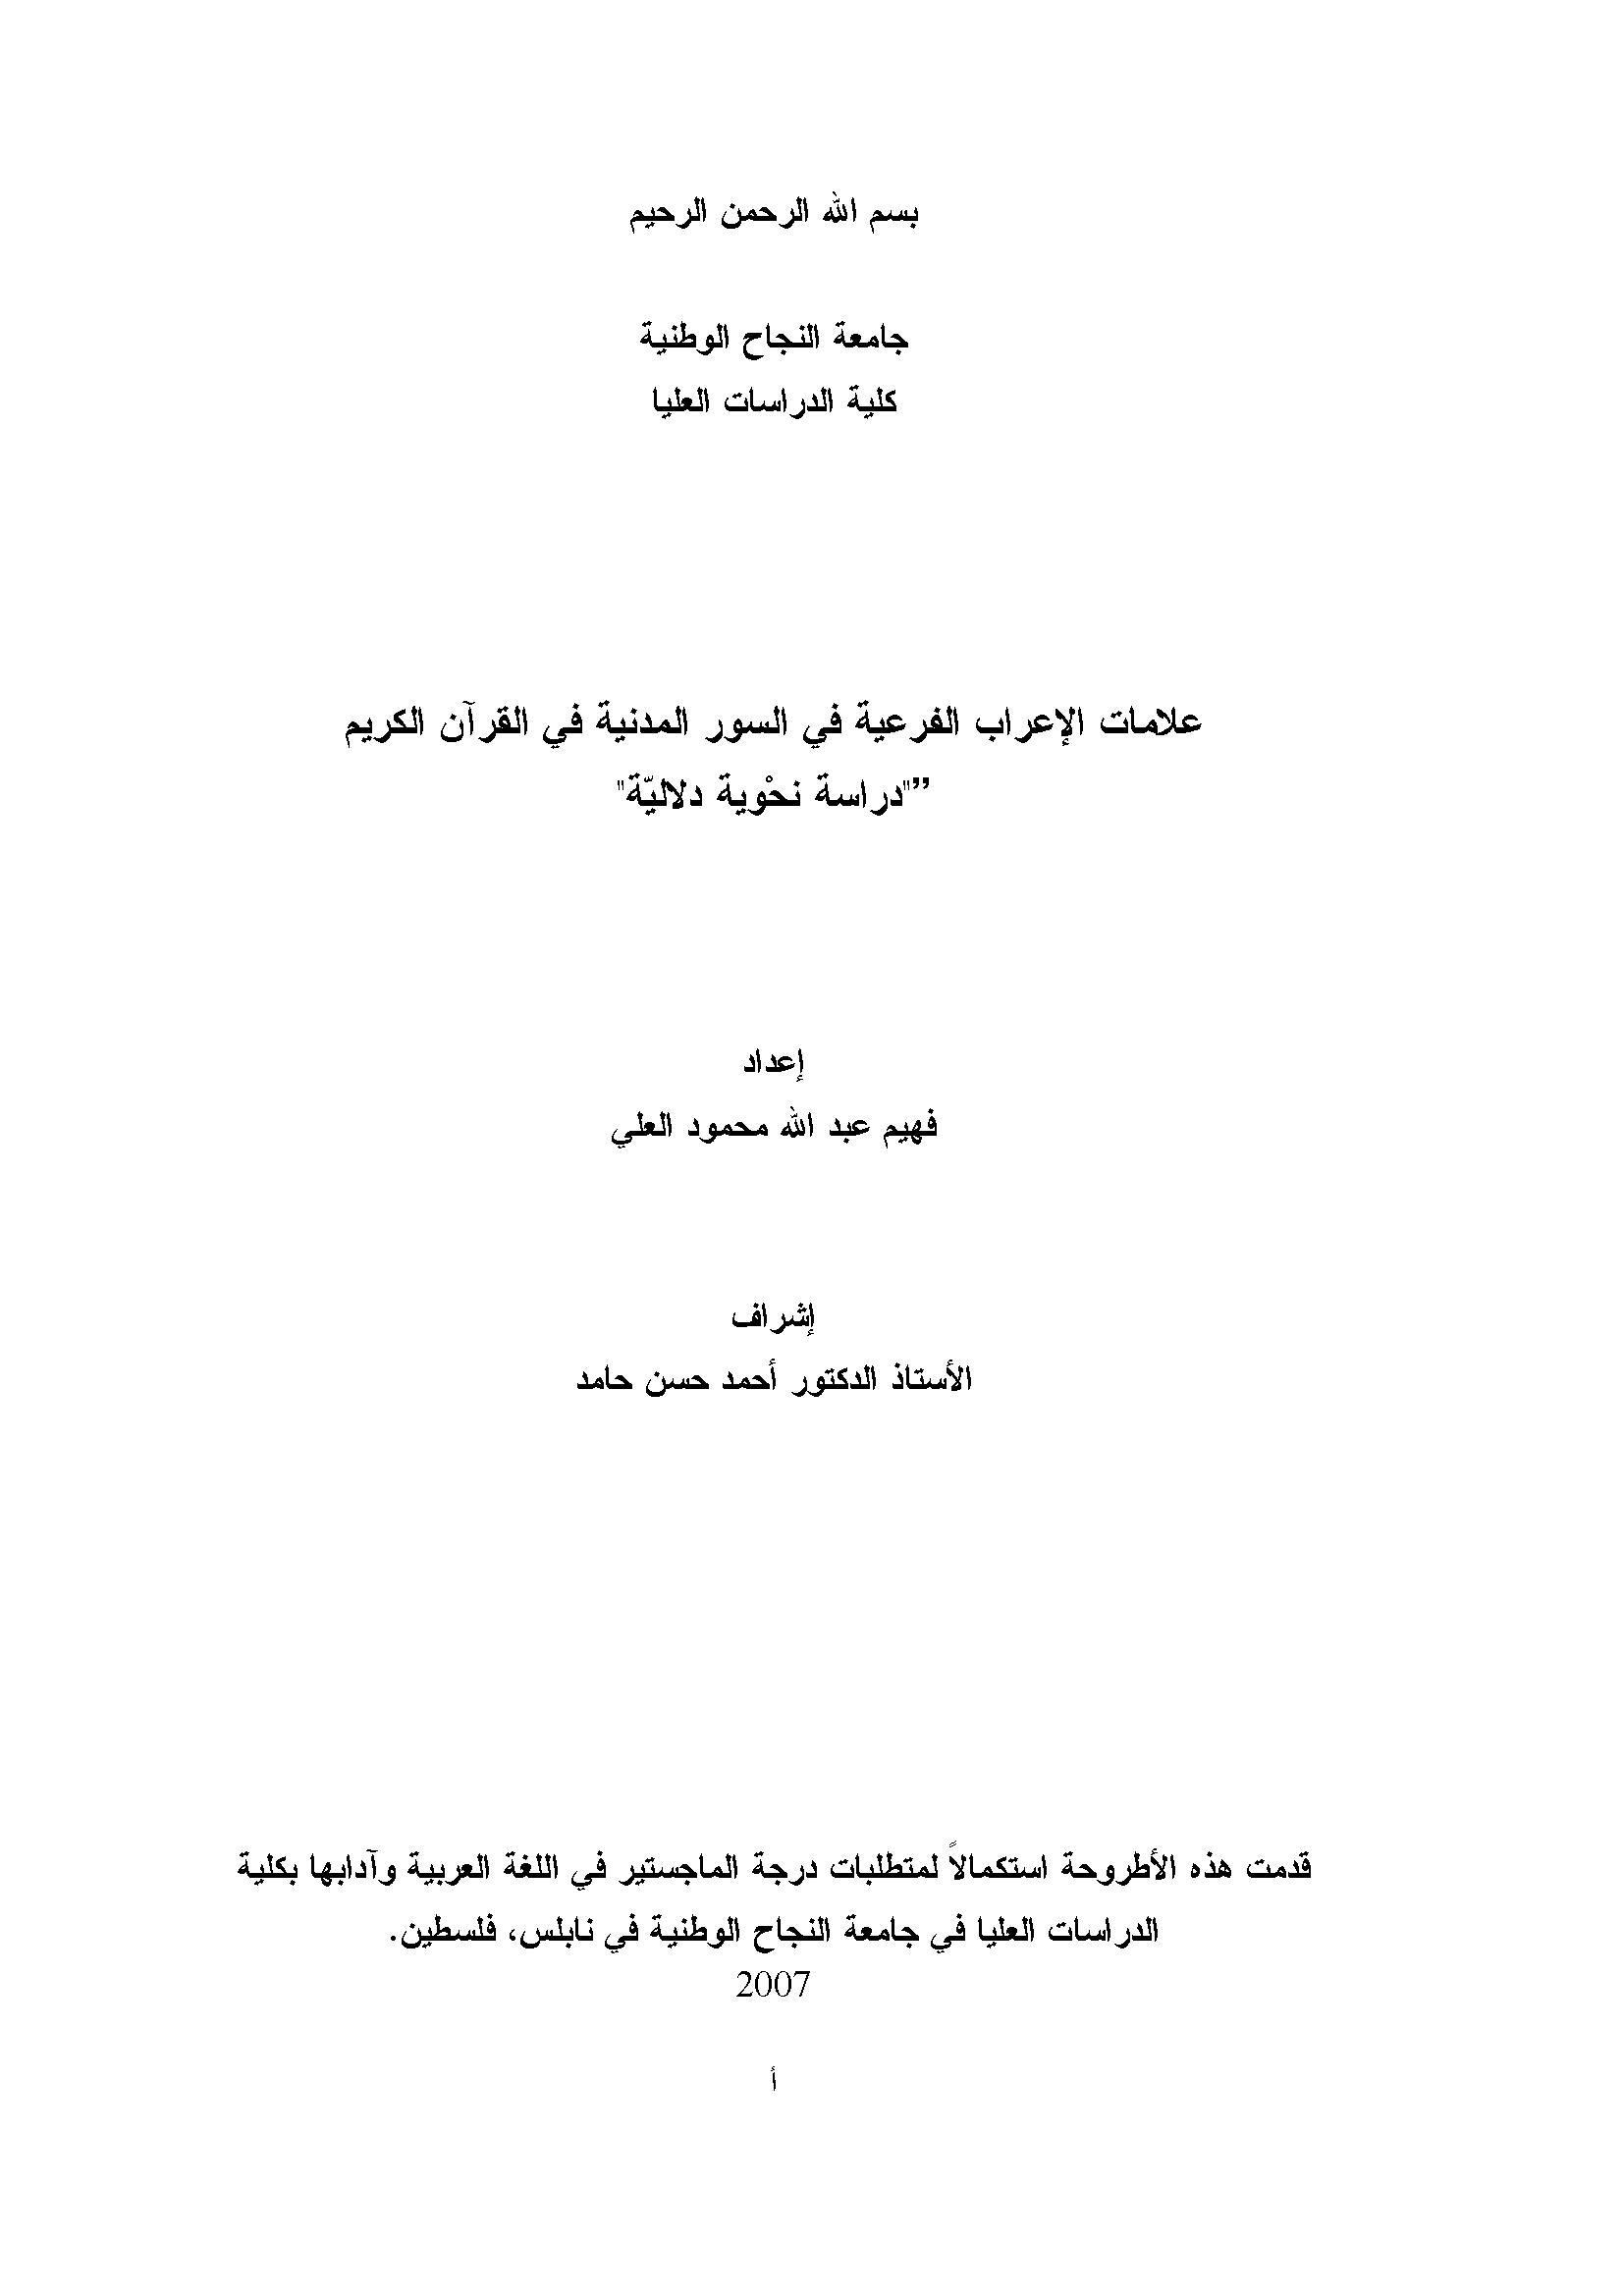 تحميل كتاب علامات الإعراب الفرعية في السور المدنية في القرآن الكريم (دراسة نحوية دلالية) لـِ: فهيم عبد الله محمود العلي